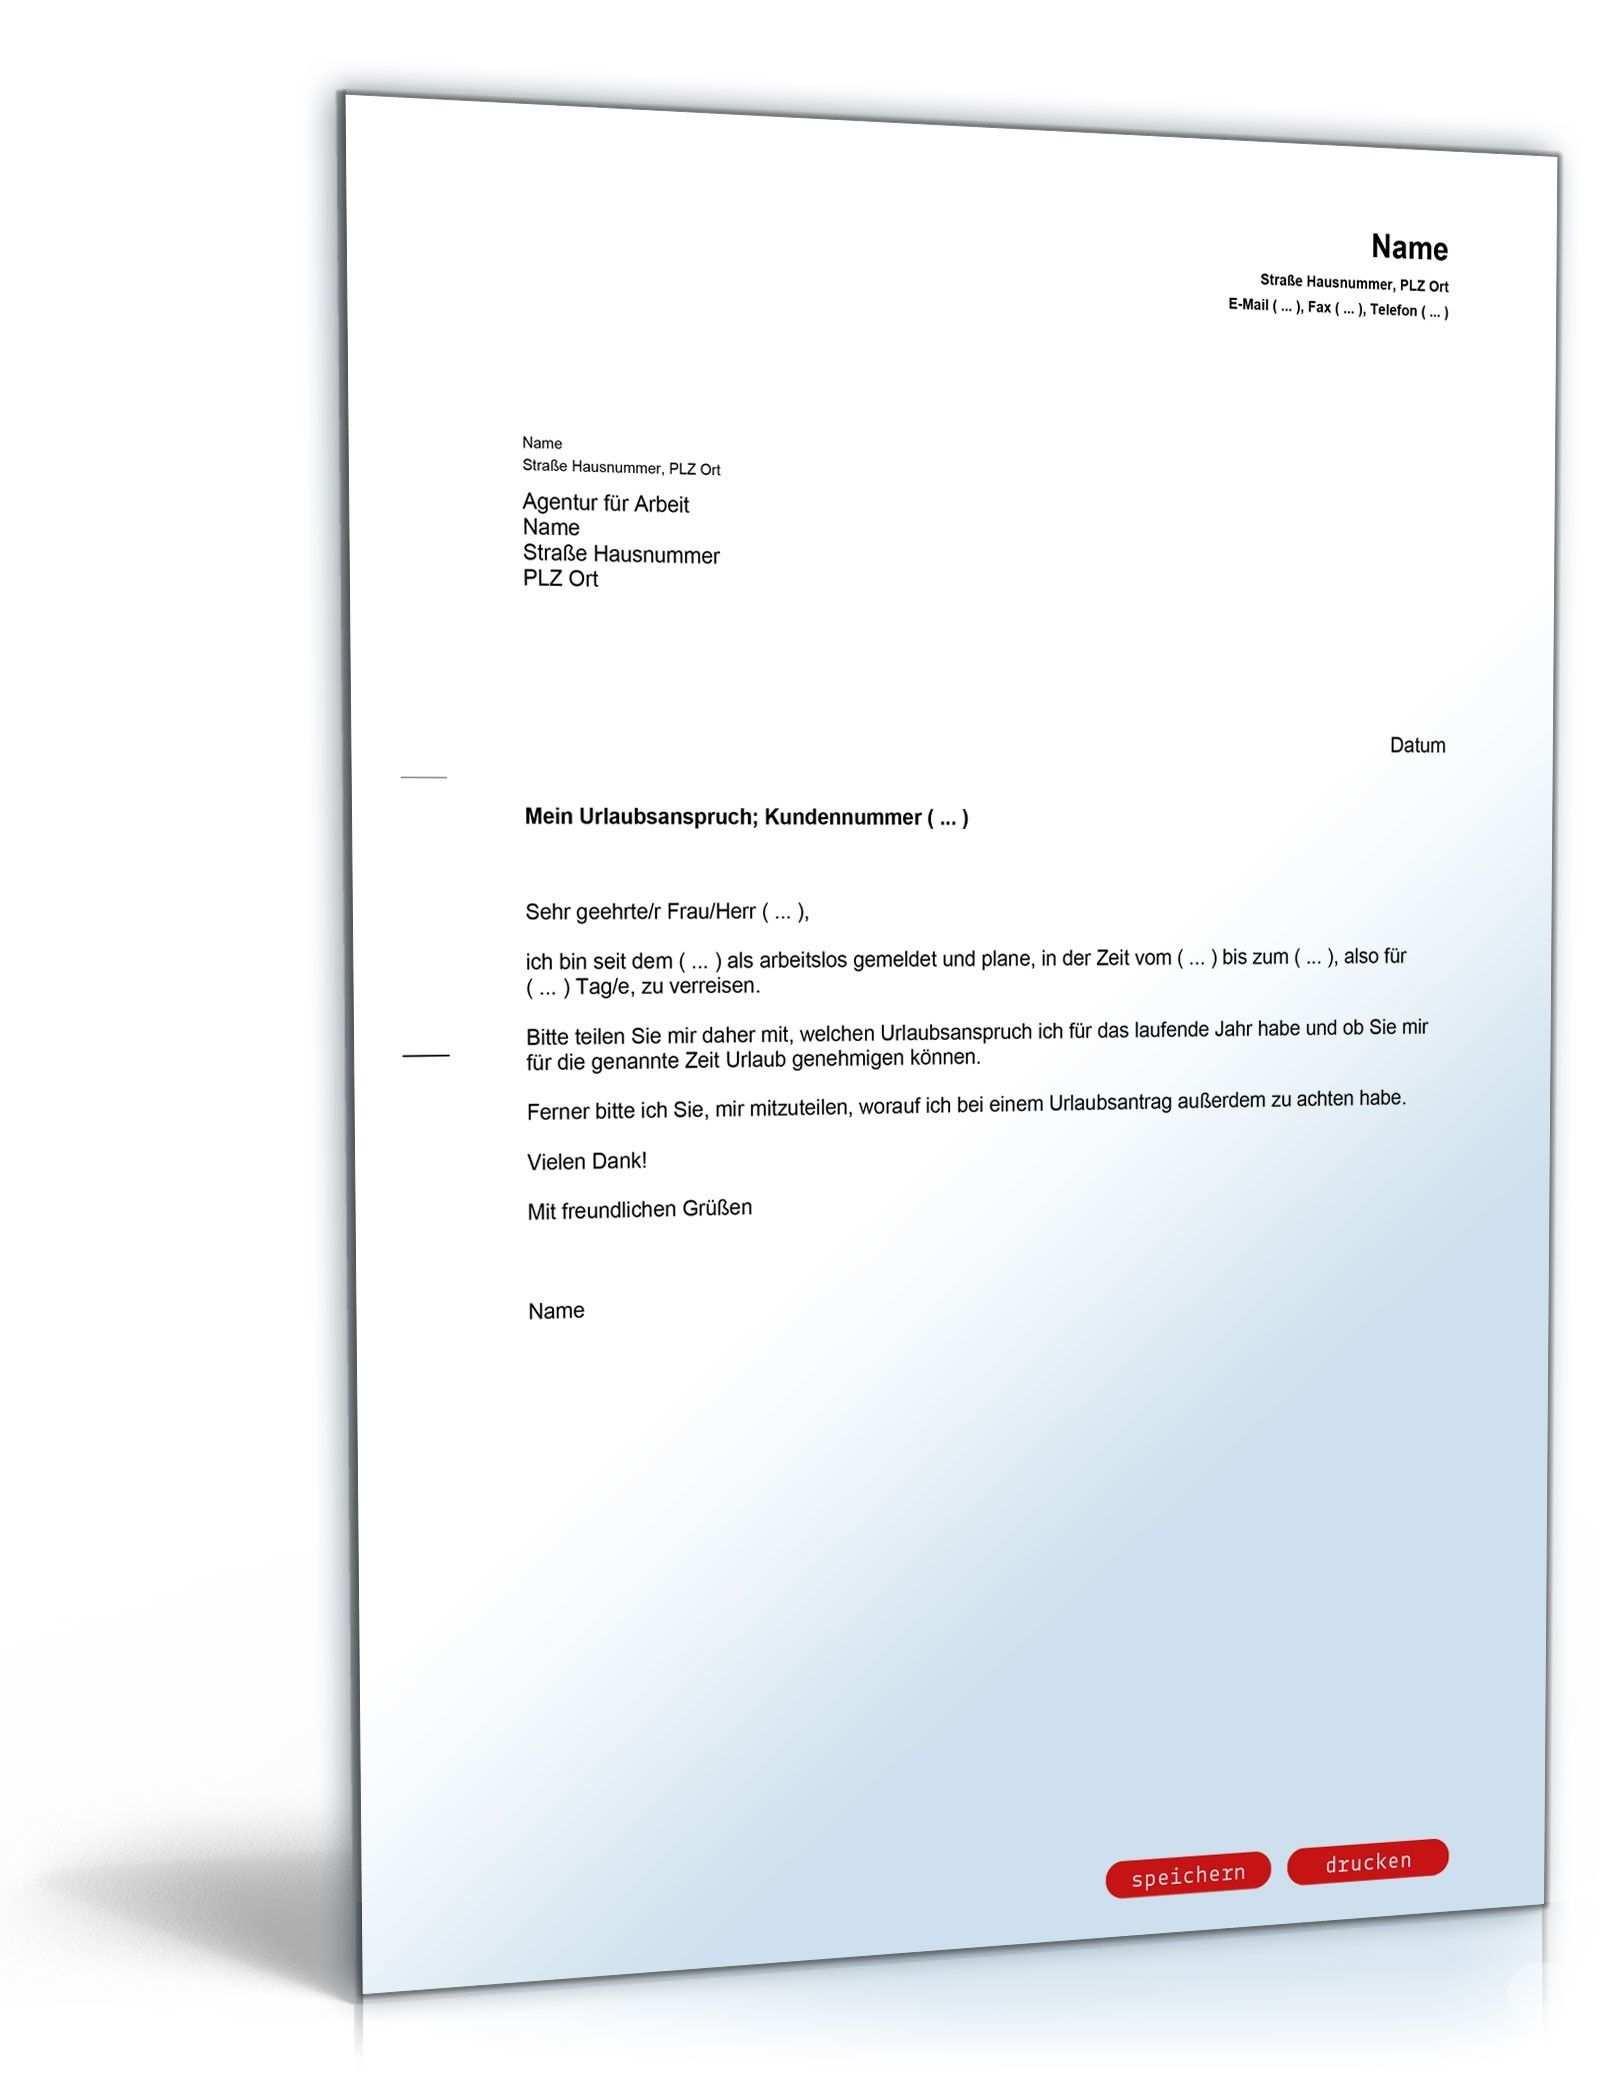 Neu Urlaubsantrag Excel Briefprobe Briefformat Briefvorlage Englischer Lebenslauf Vorlage Briefvorlagen Lebenslauf